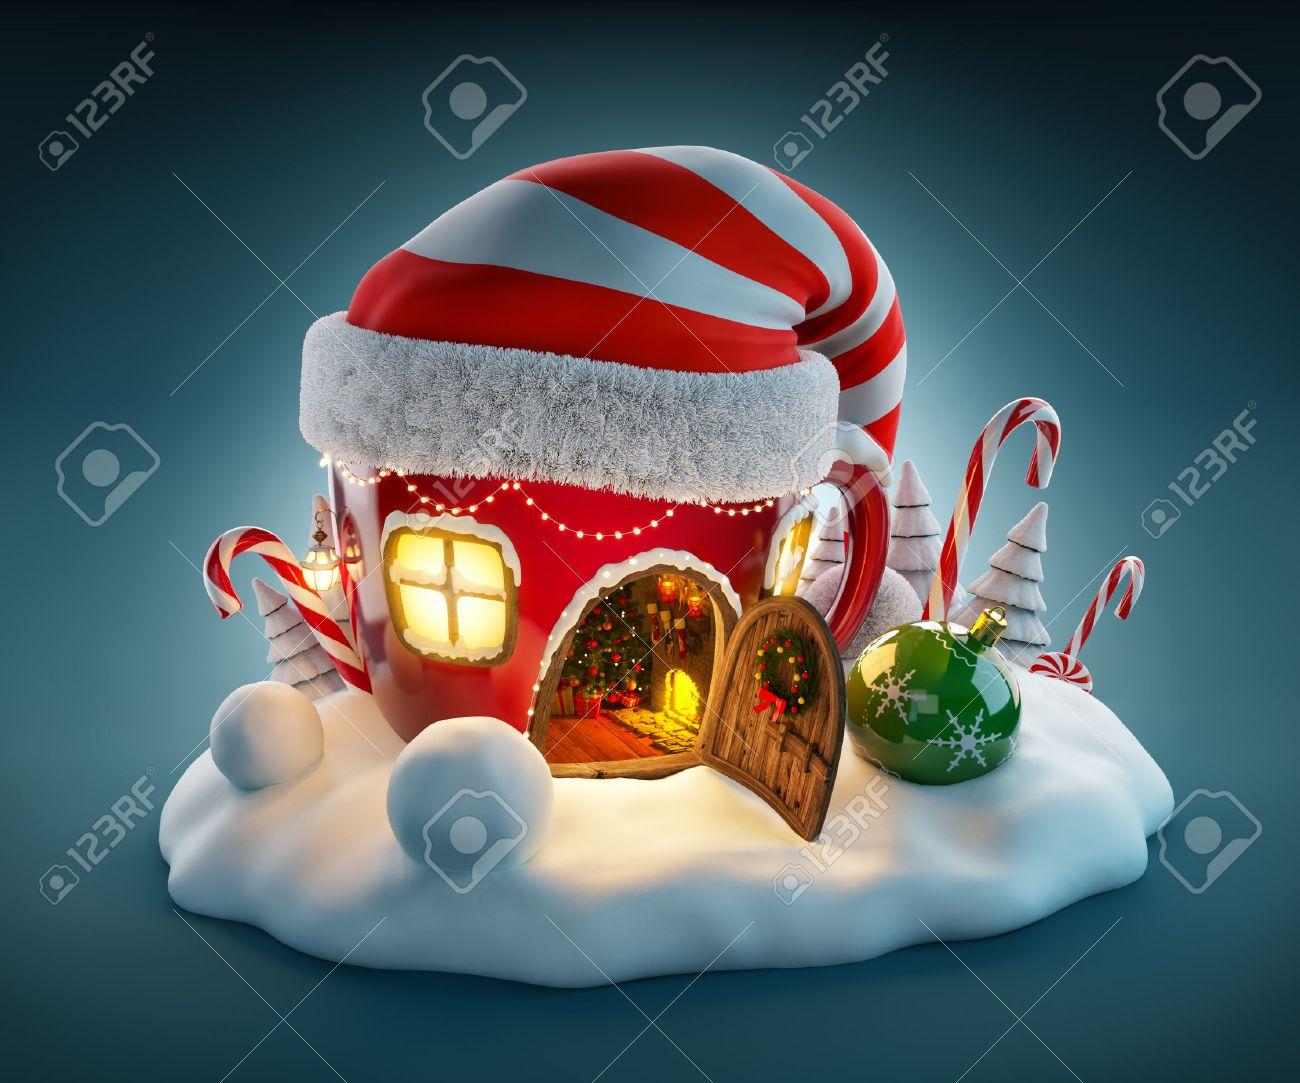 Erstaunliche Fee Haus In Elfen Hut Zu Weihnachten In Form Von Tee ...